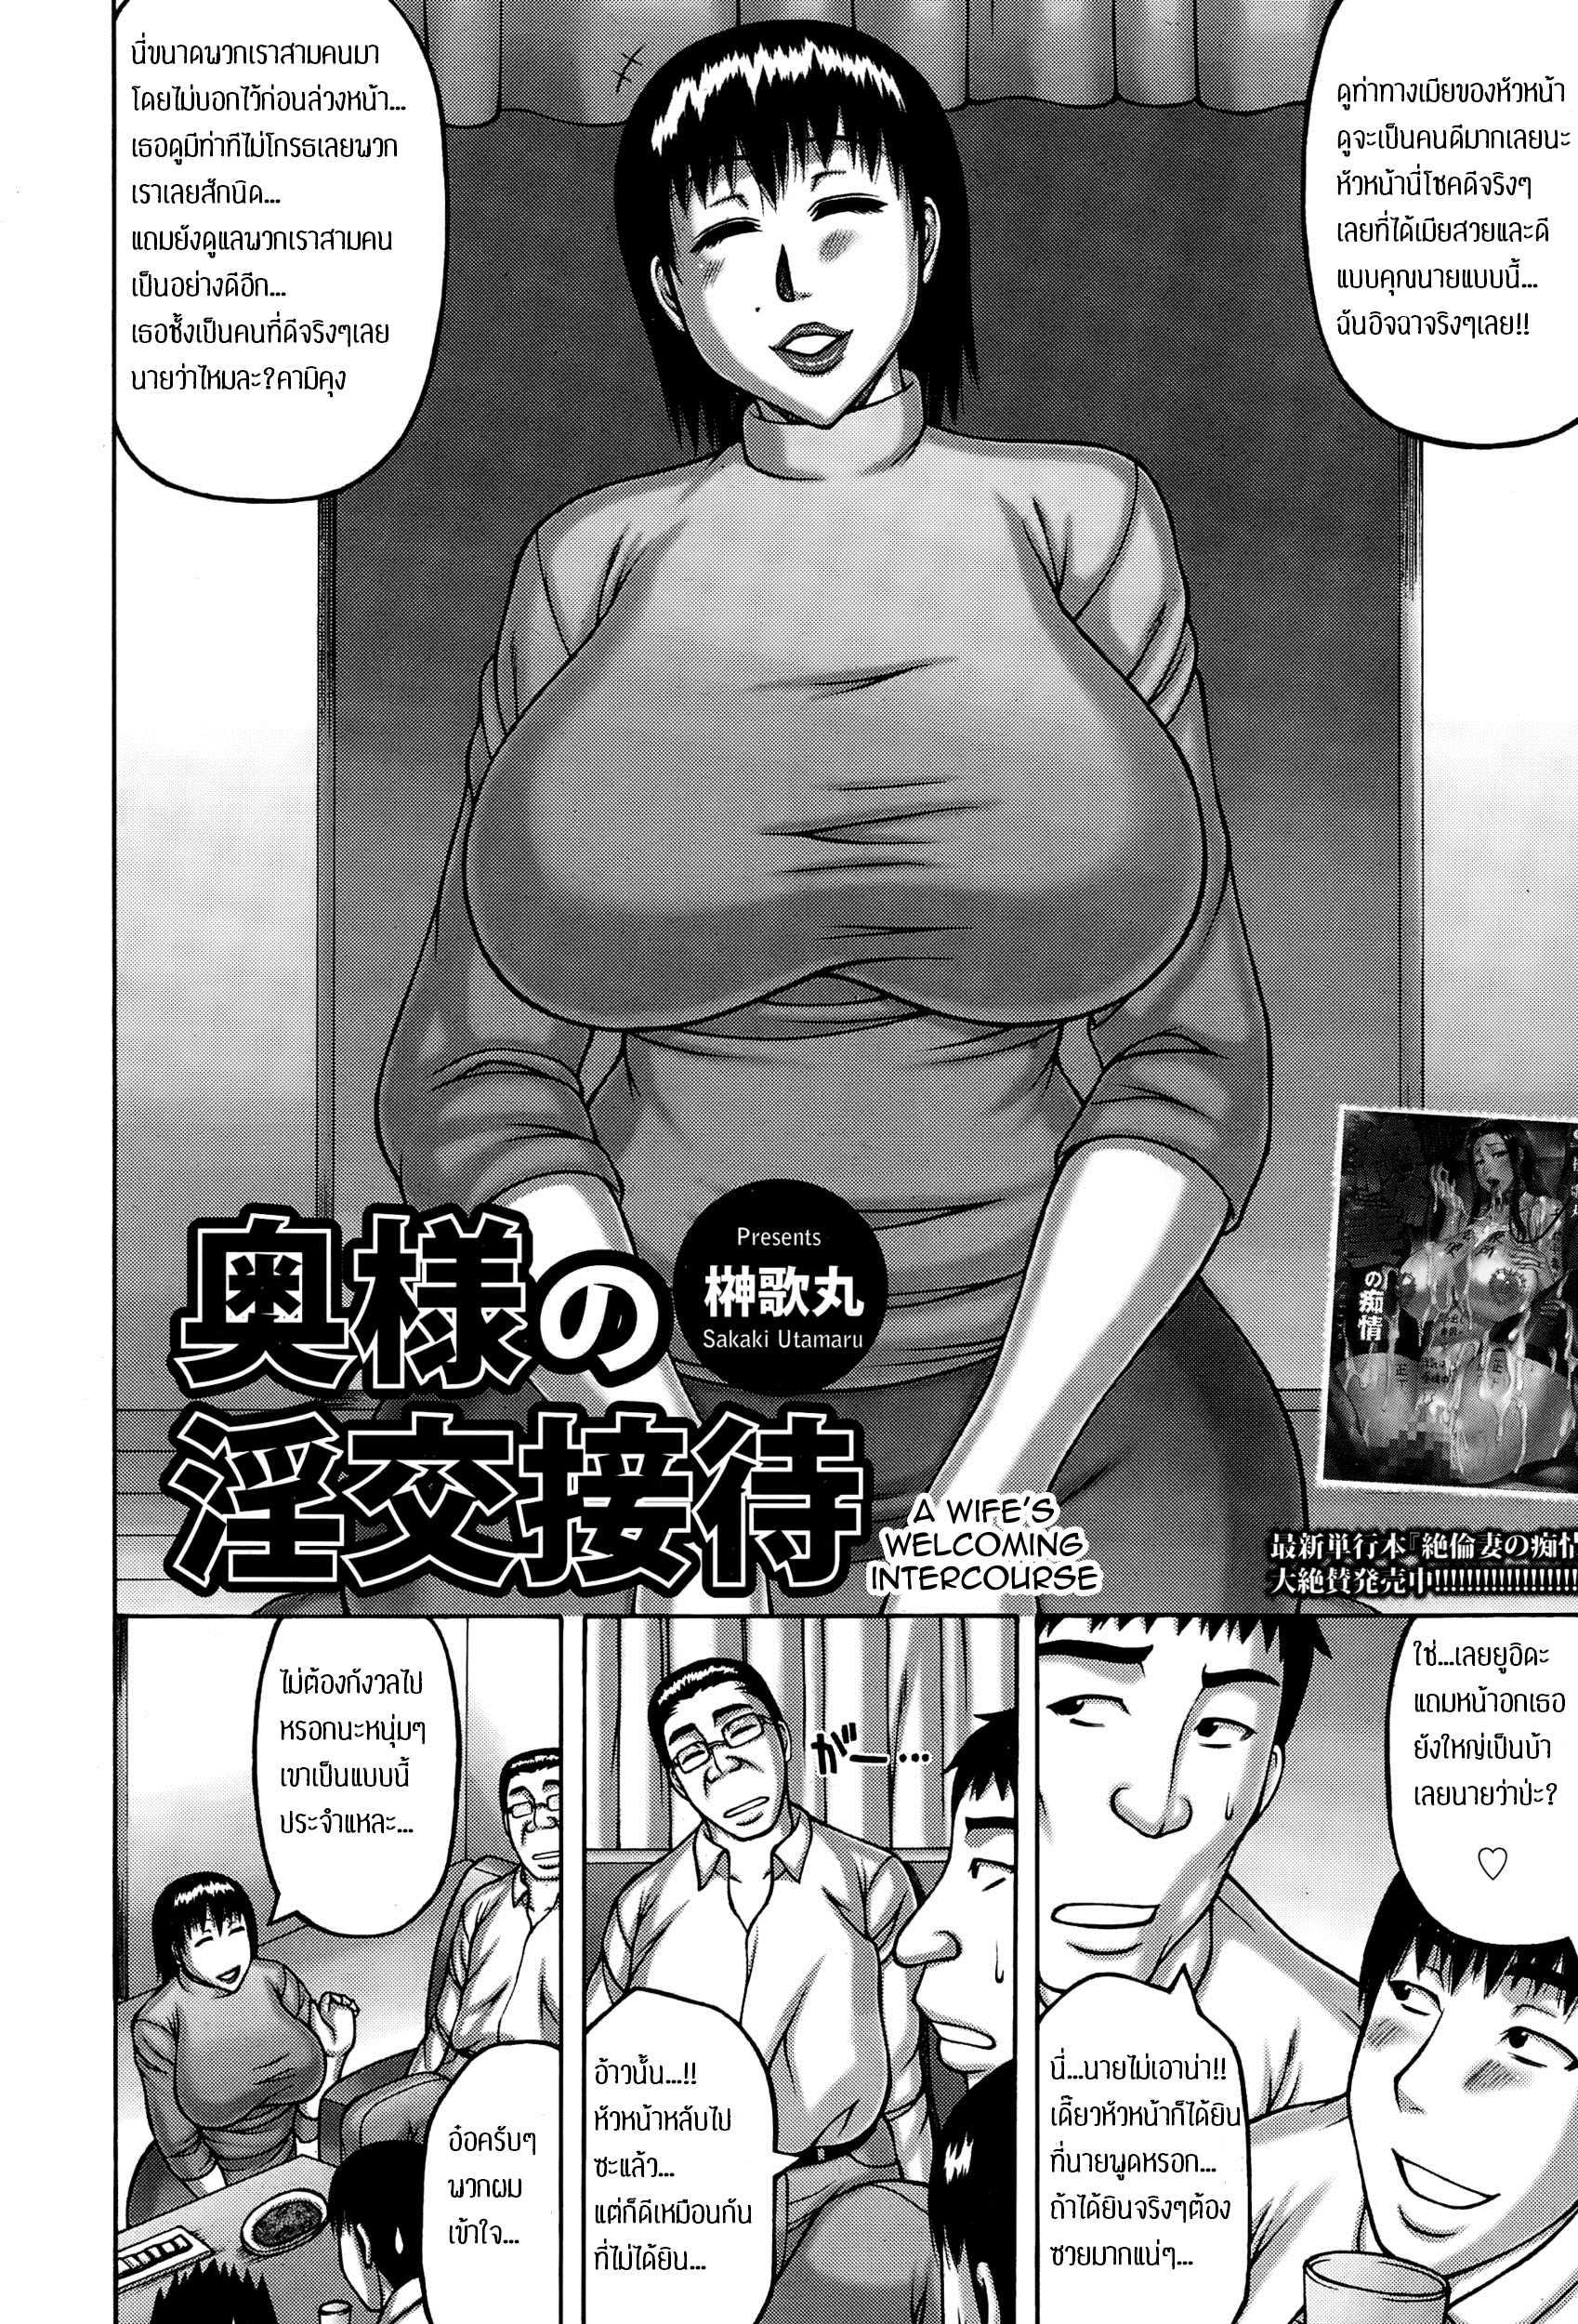 sakaki-utamaru-oku-sama-no-inkou-settai-a-wifes-welcoming-intercourse